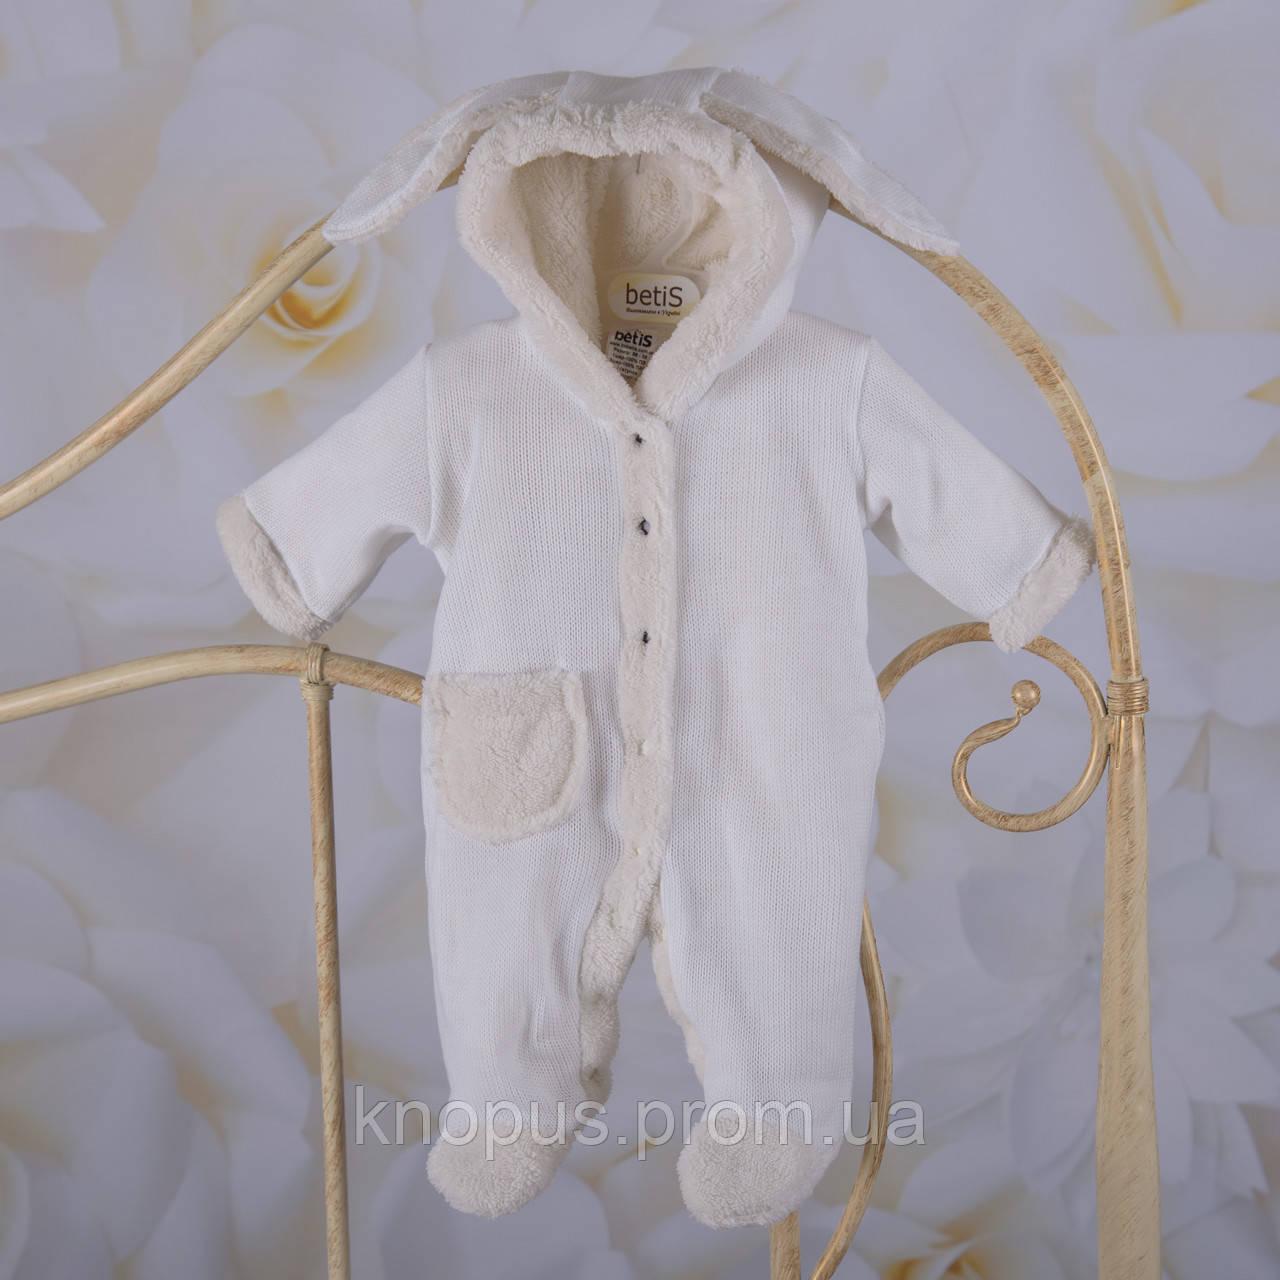 Комбинезон для новорожденных  с капюшоном вязаный махровой подкладке,  молочный, Бетис, размер 56